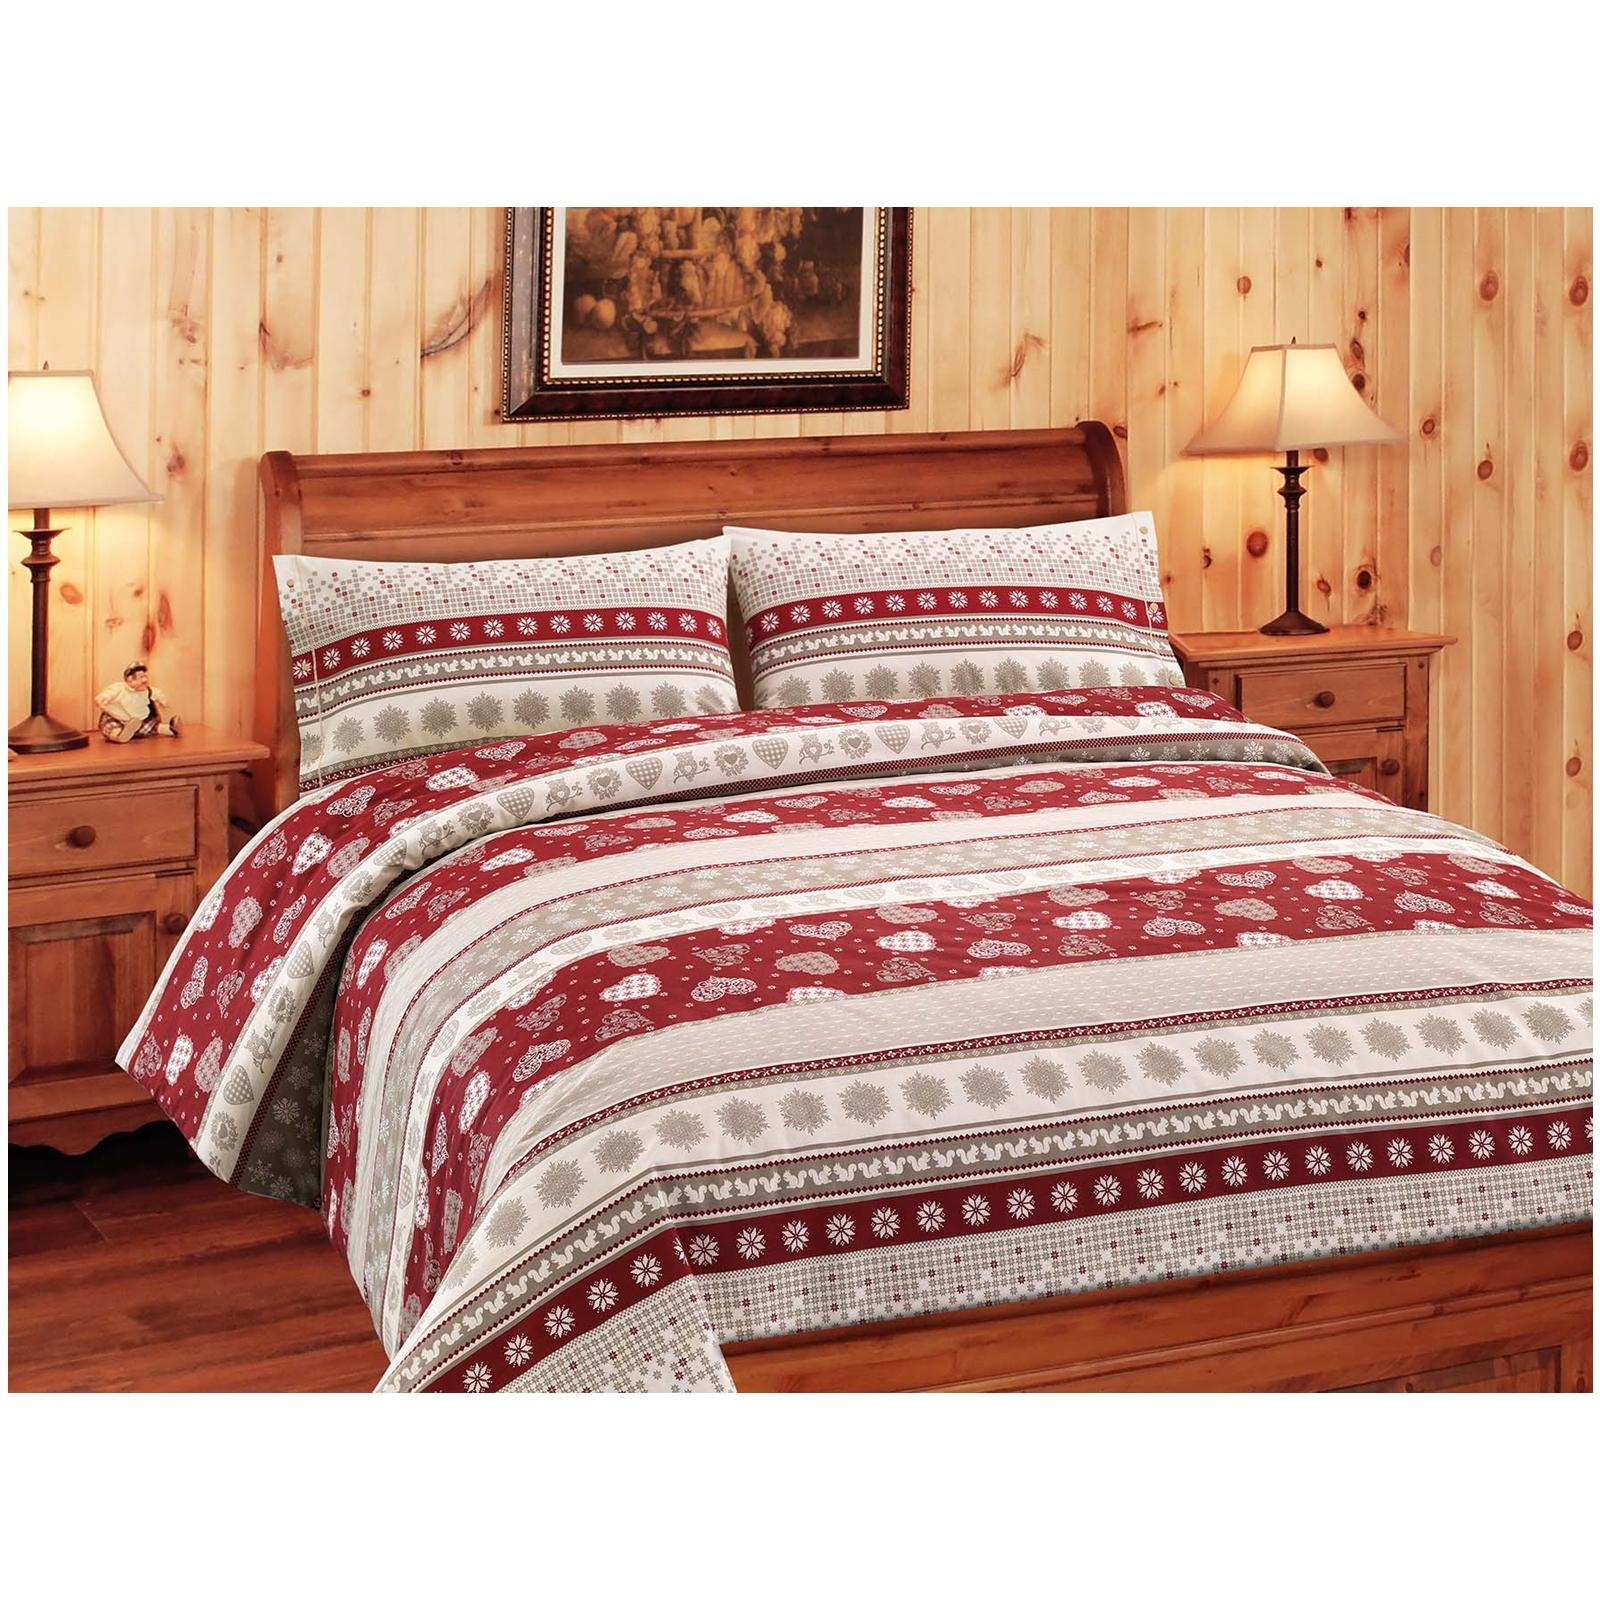 Copripiumino in puro cotone brunico cose di casa un mondo di accessori per la casa - Coprisedia in tessuto ikea ...